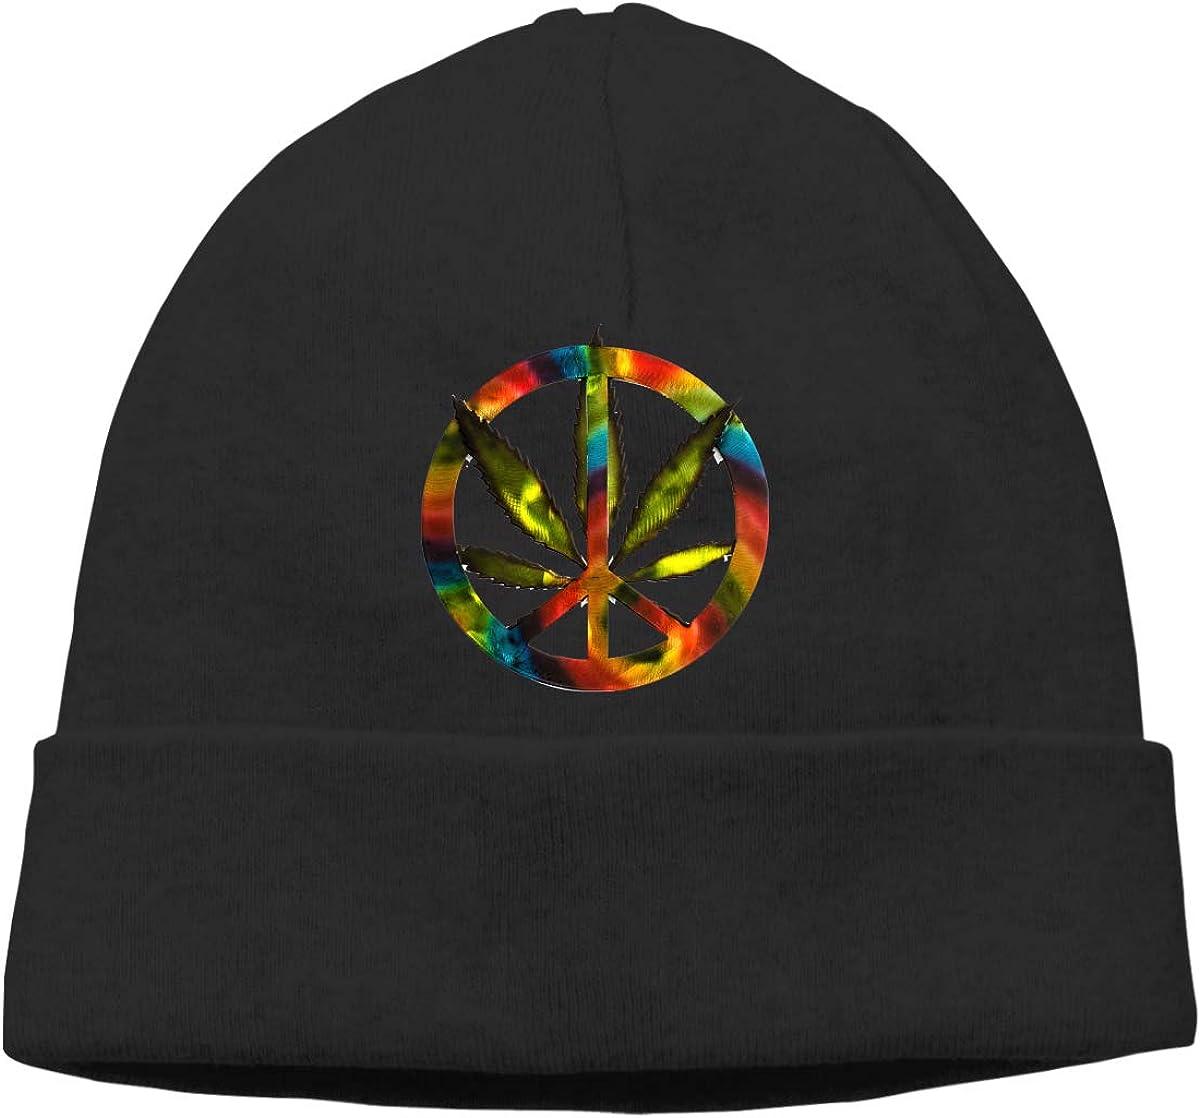 Mens and Womens Skullies Beanies Weed Leaf Tie Dye Vintage Toboggan Hat Sports /& Outdoors Knit Hat Black